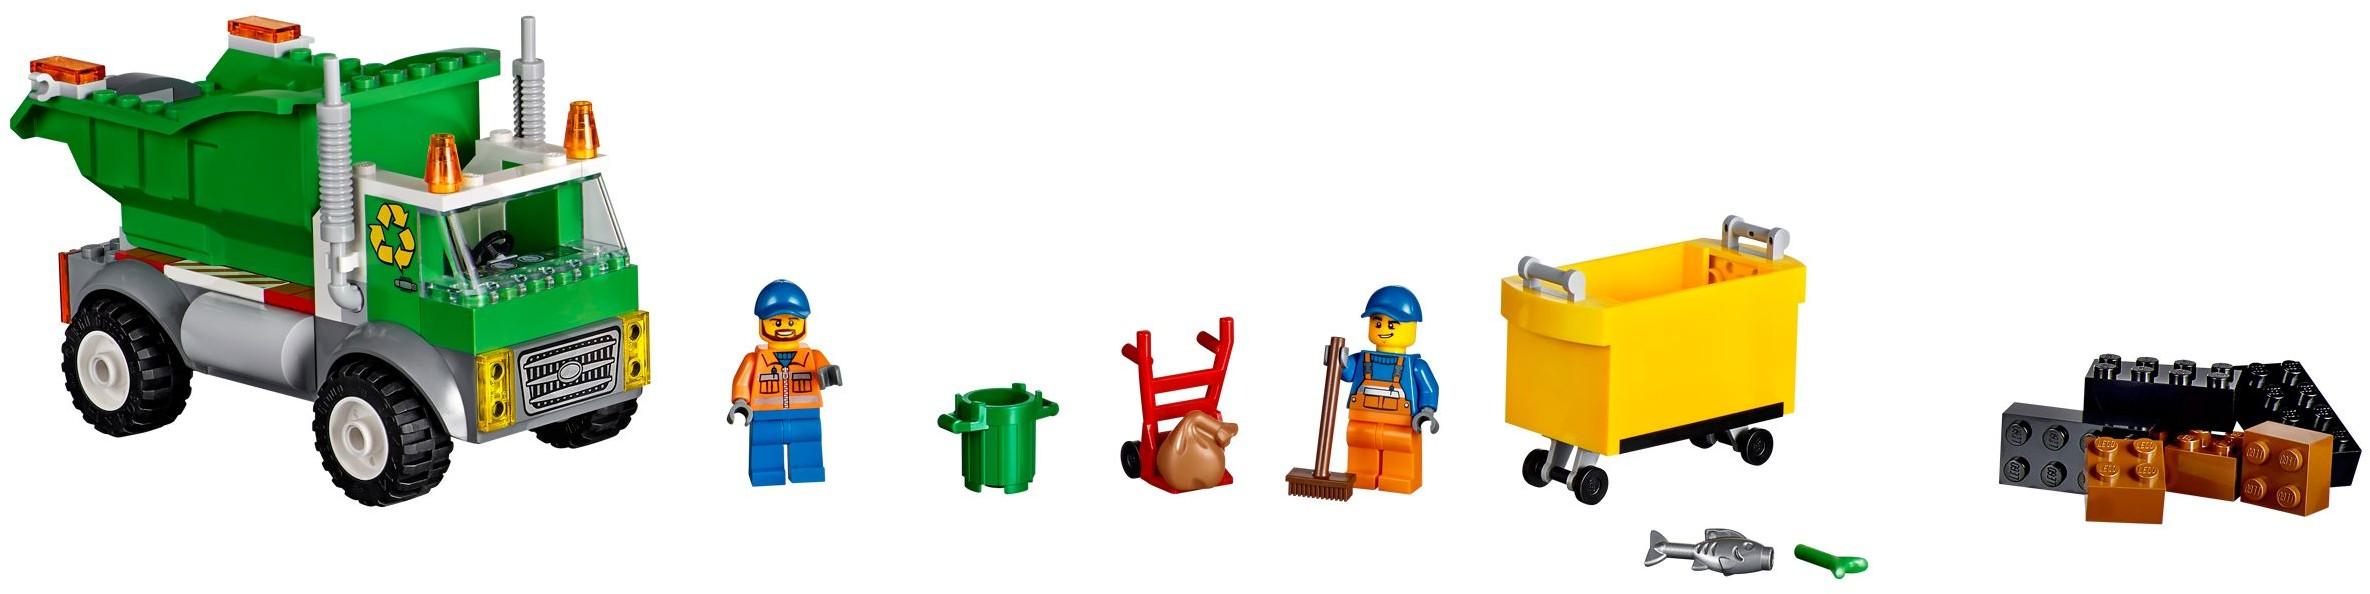 tagged u0027refuse truck u0027 brickset lego set guide and database